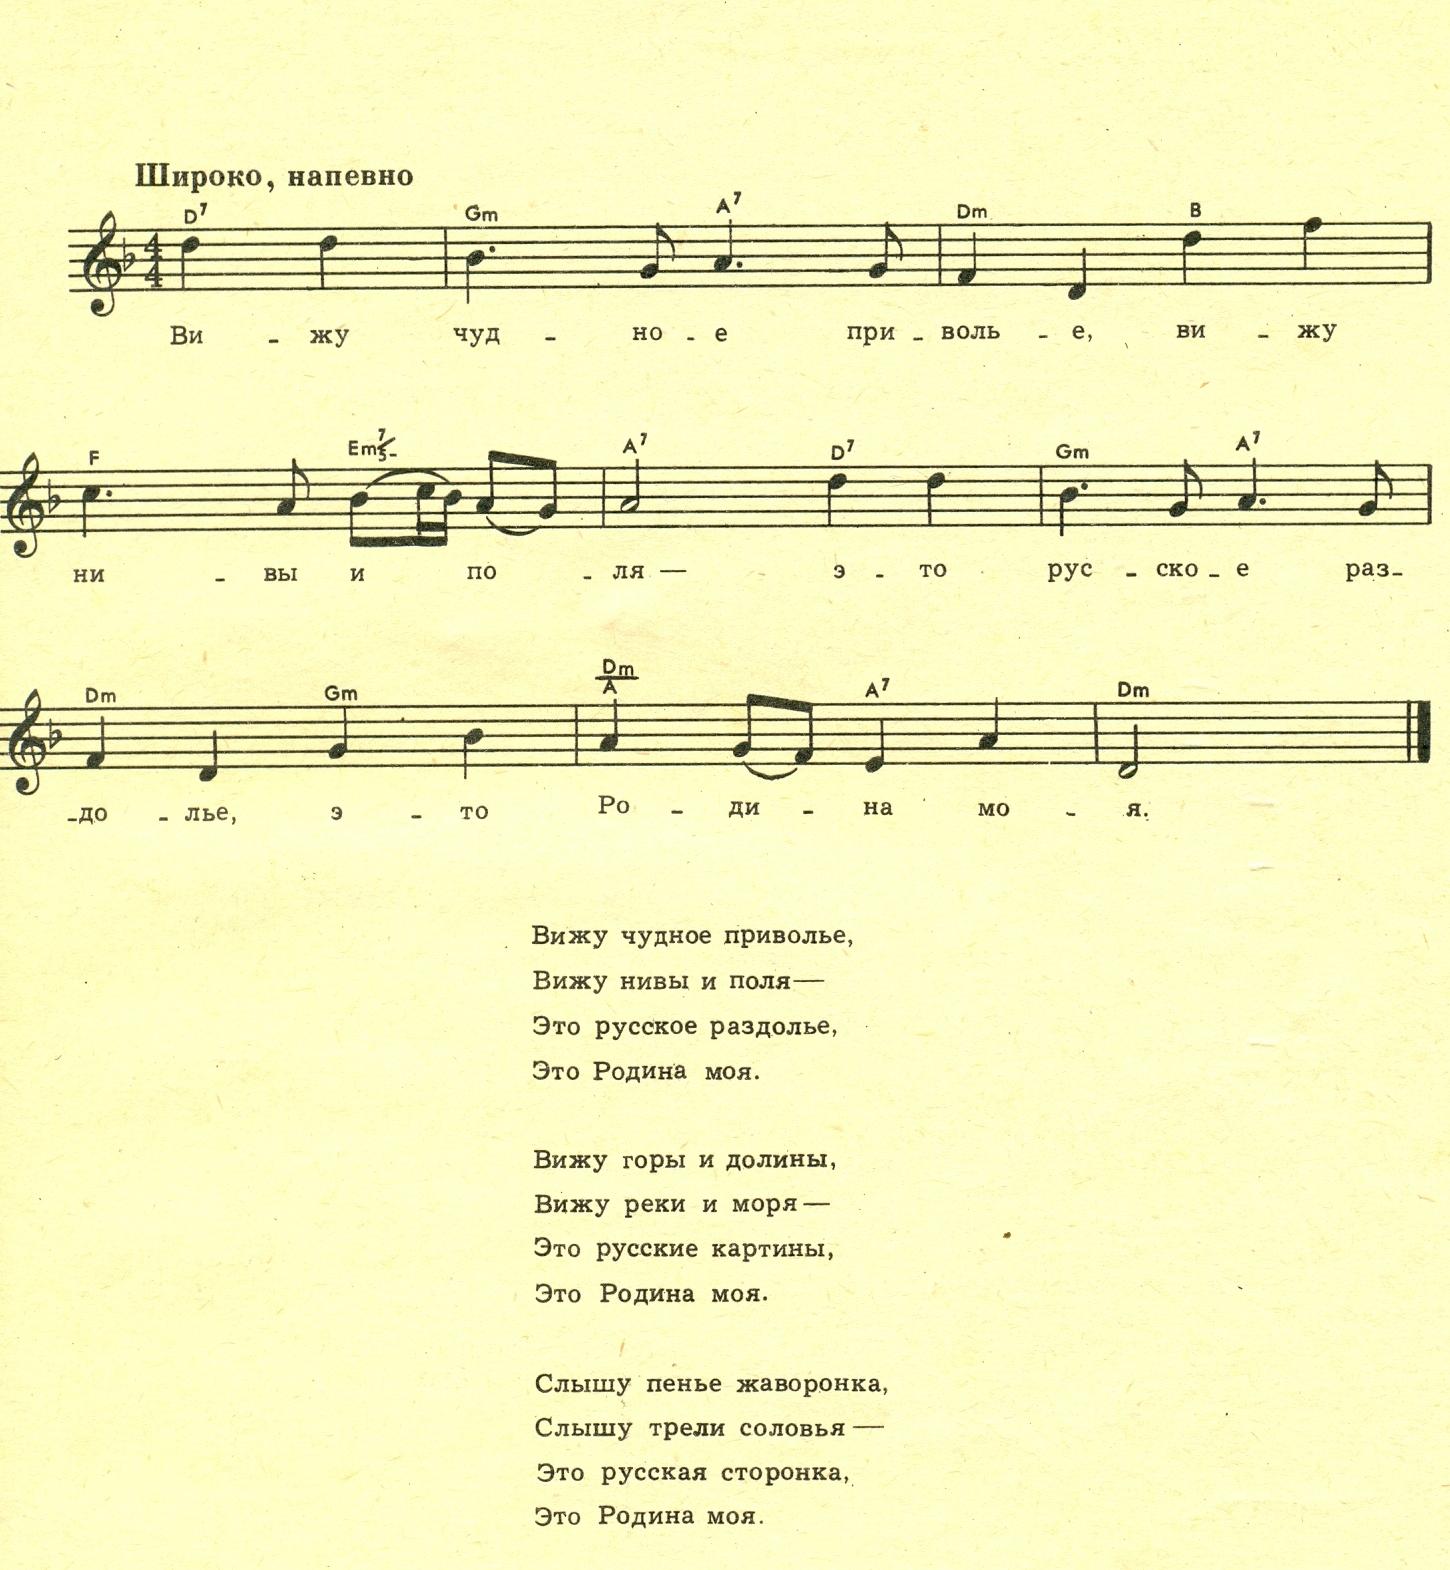 Почему глава начинается с народной песни